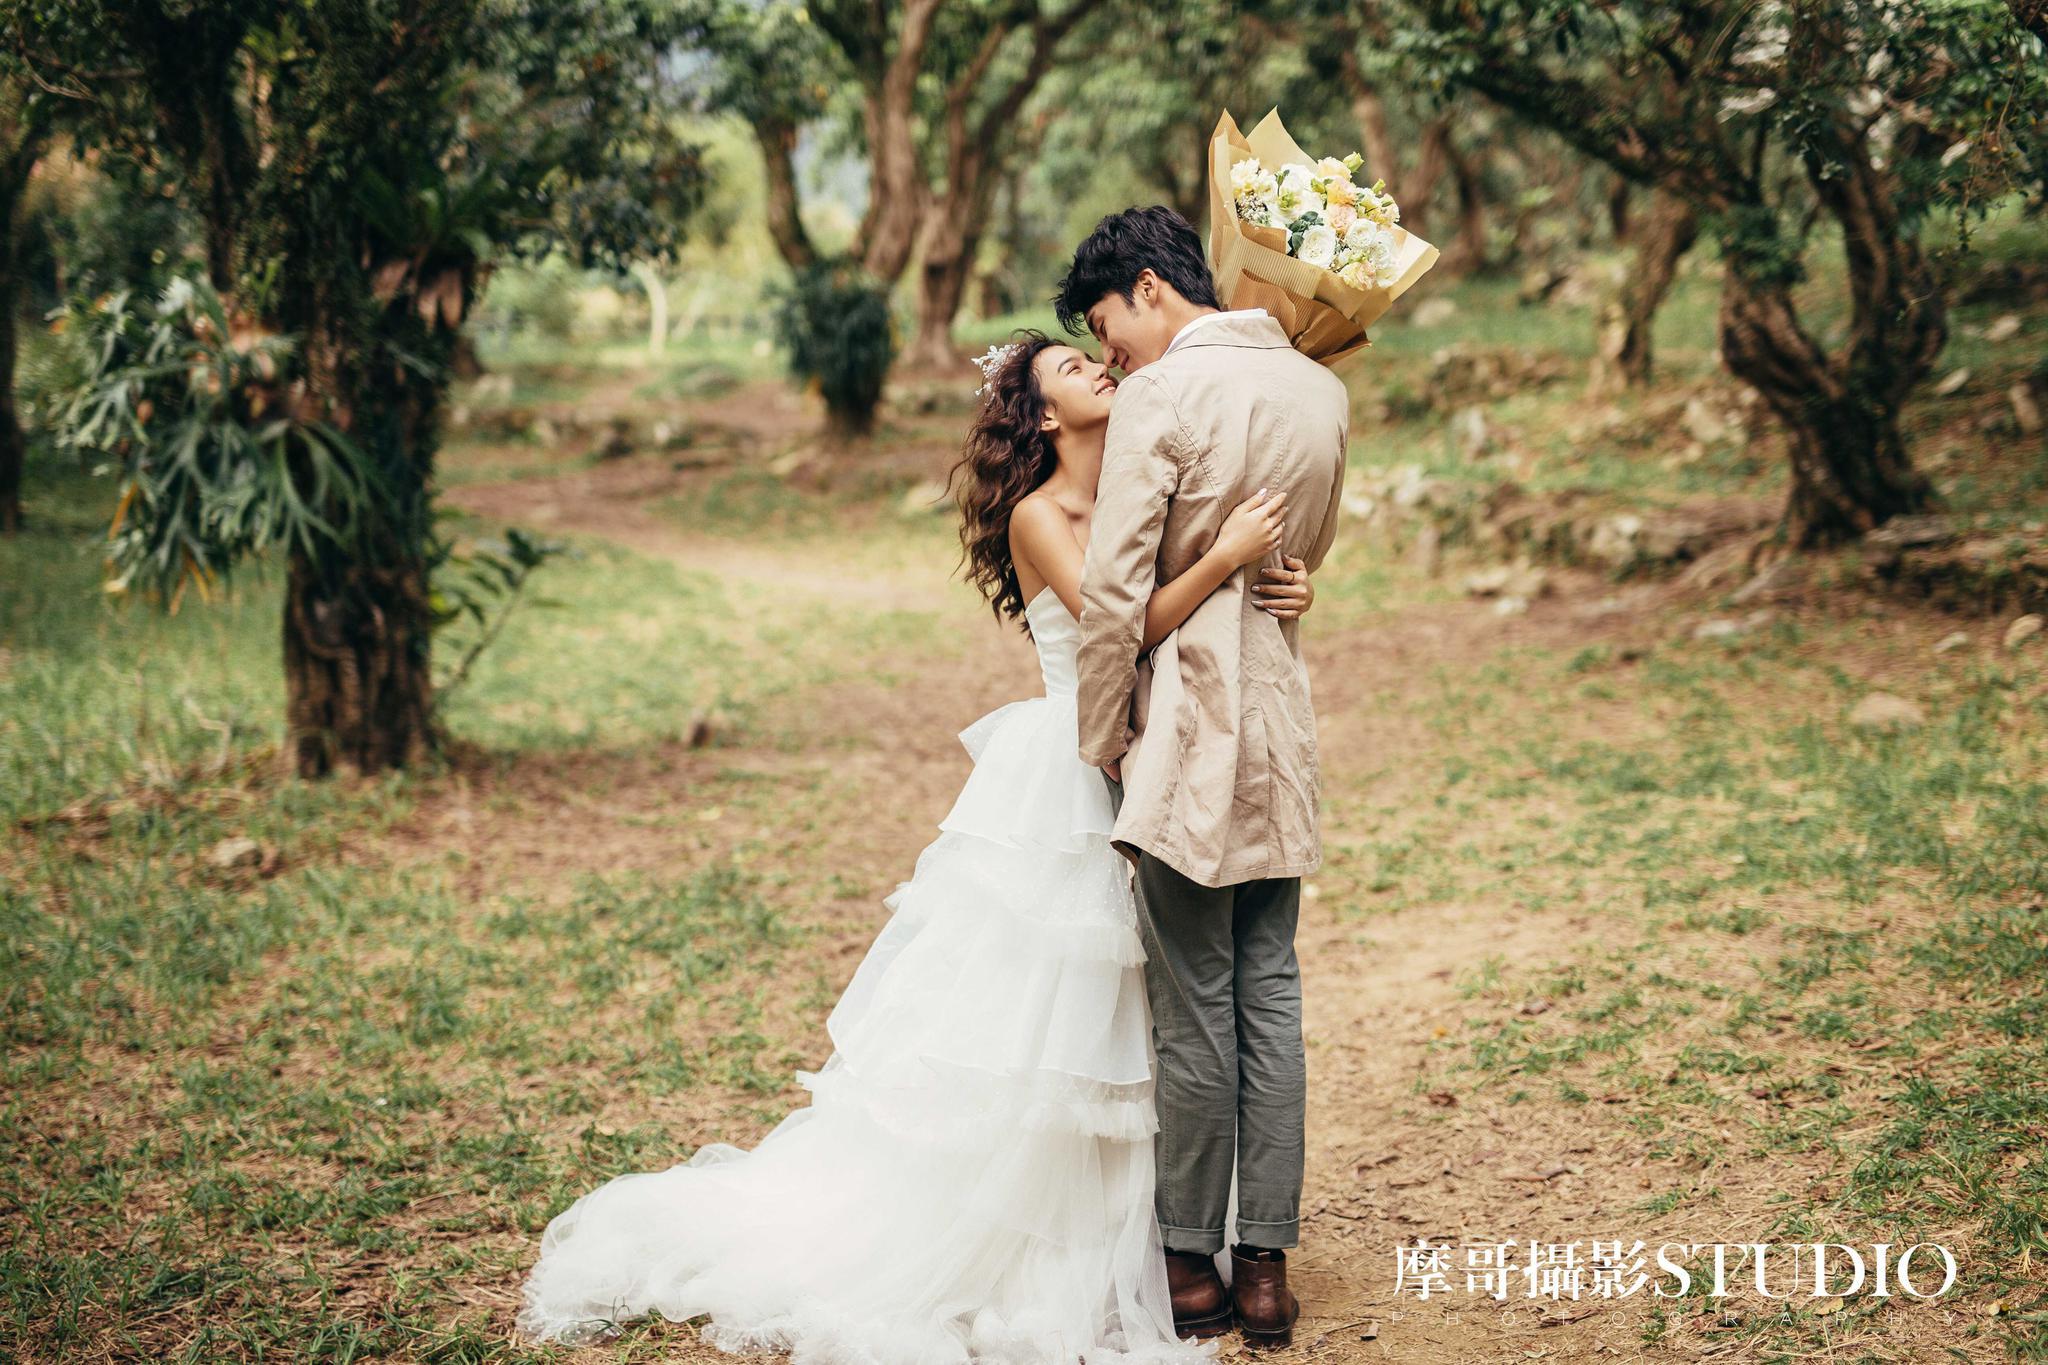 哪家好婚纱摄影_那里的婚纱摄影好